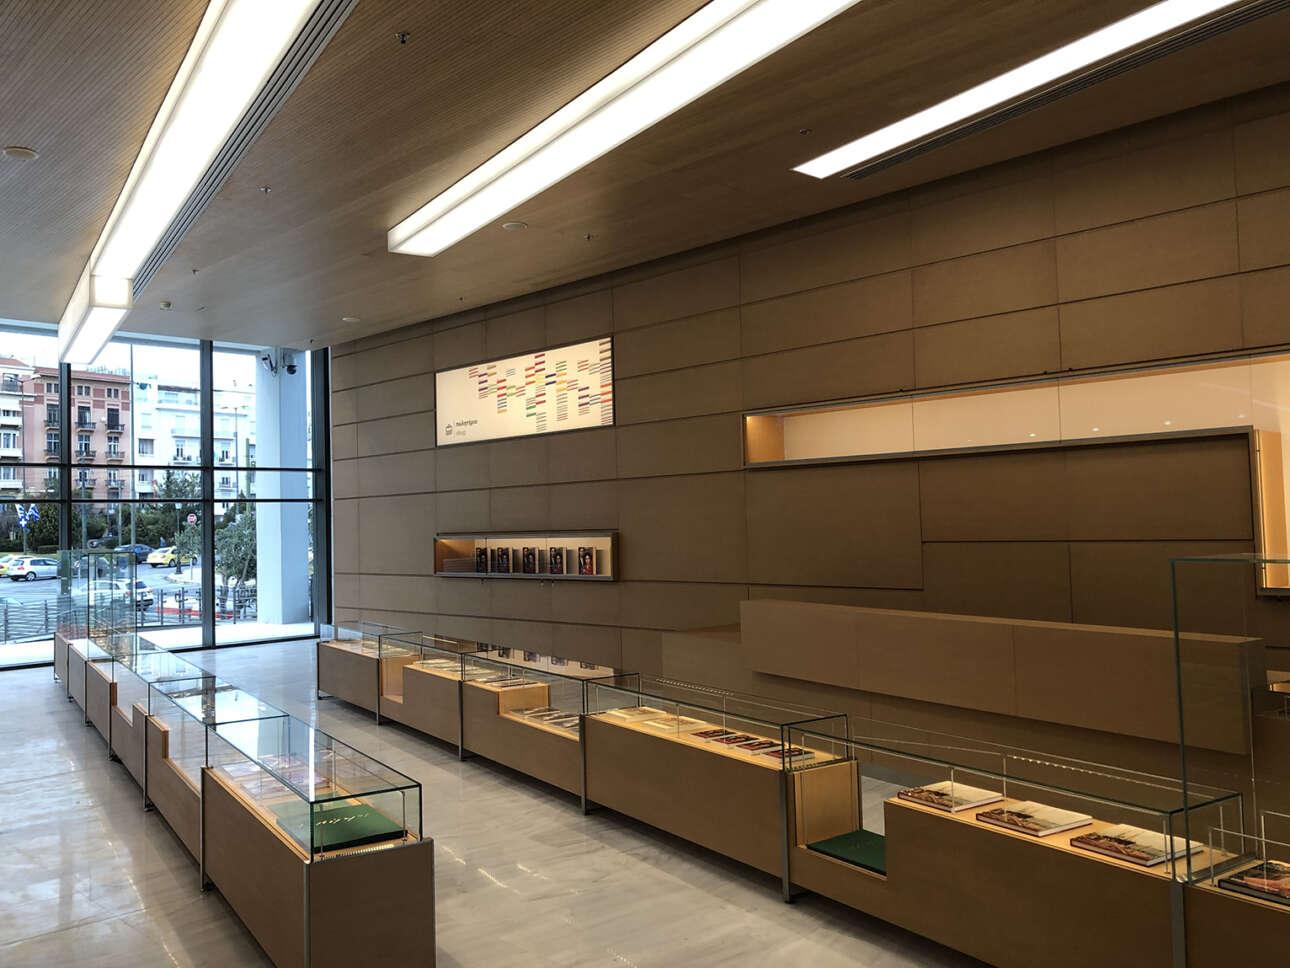 Οι προθήκες με τις εκδόσεις, στο νέο πωλητήριο της Εθνικής Πινακοθήκης